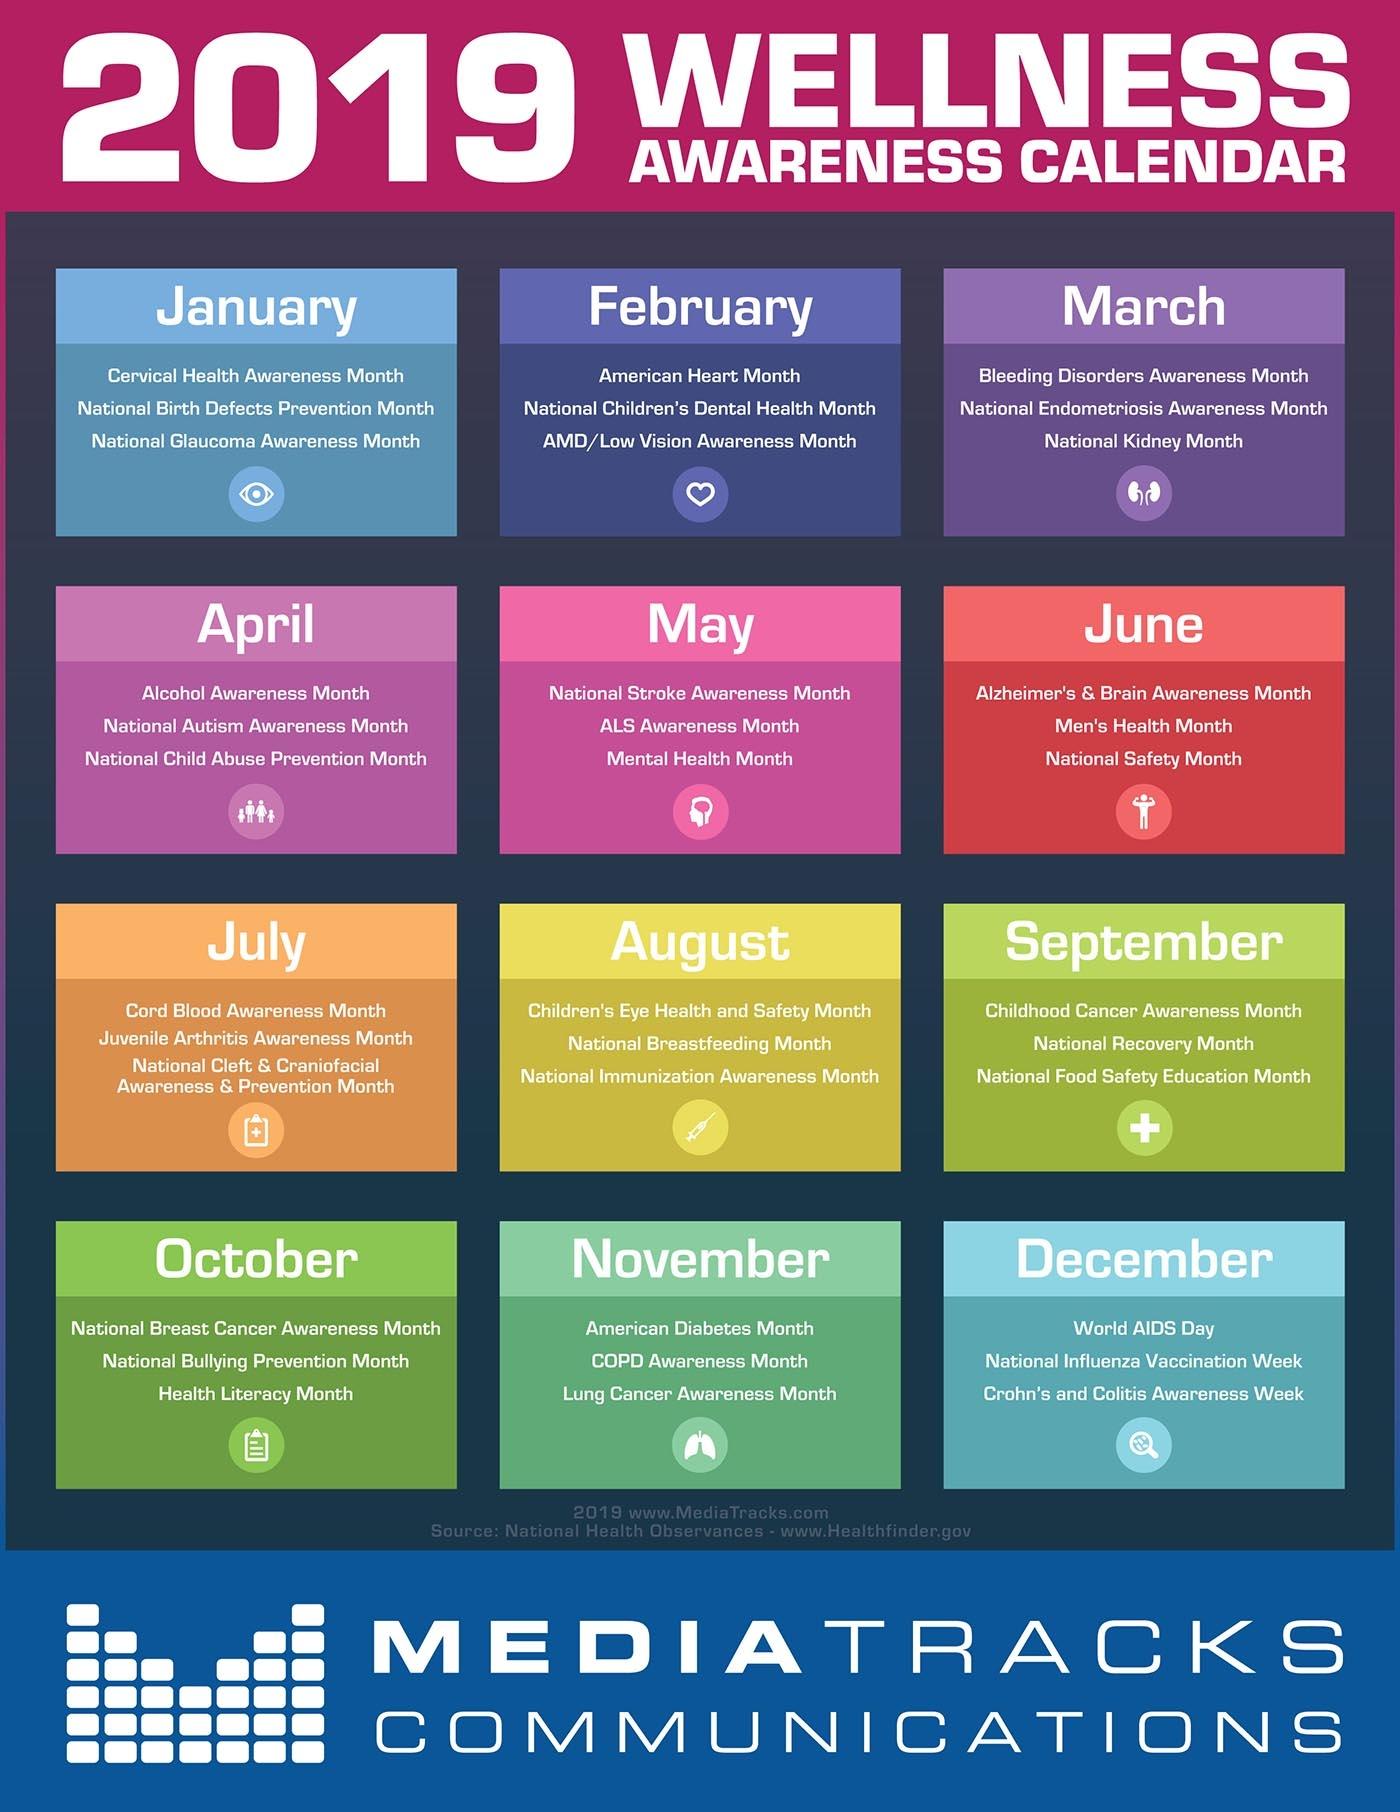 2019 Health Wellness Awareness Calendar Infographic